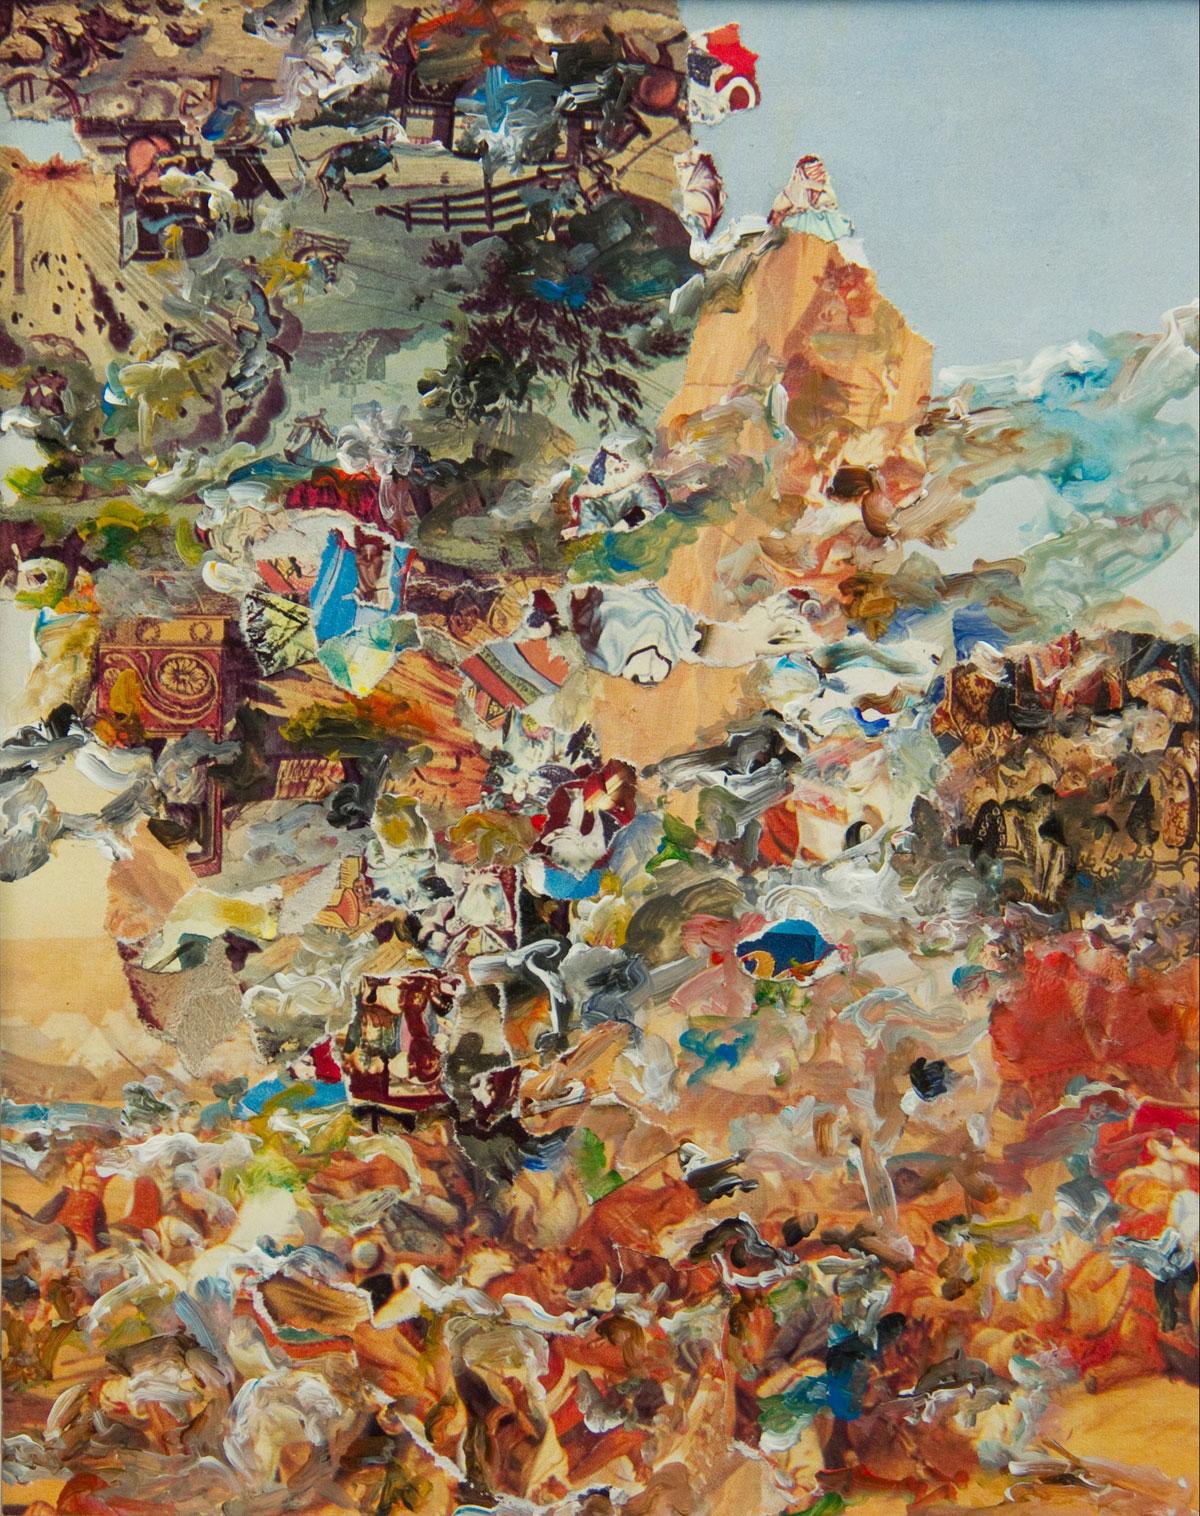 Philippe Briard - Lorsque la grâce s'époumonne, 2008, collage acrylique, 23 x 19 cm